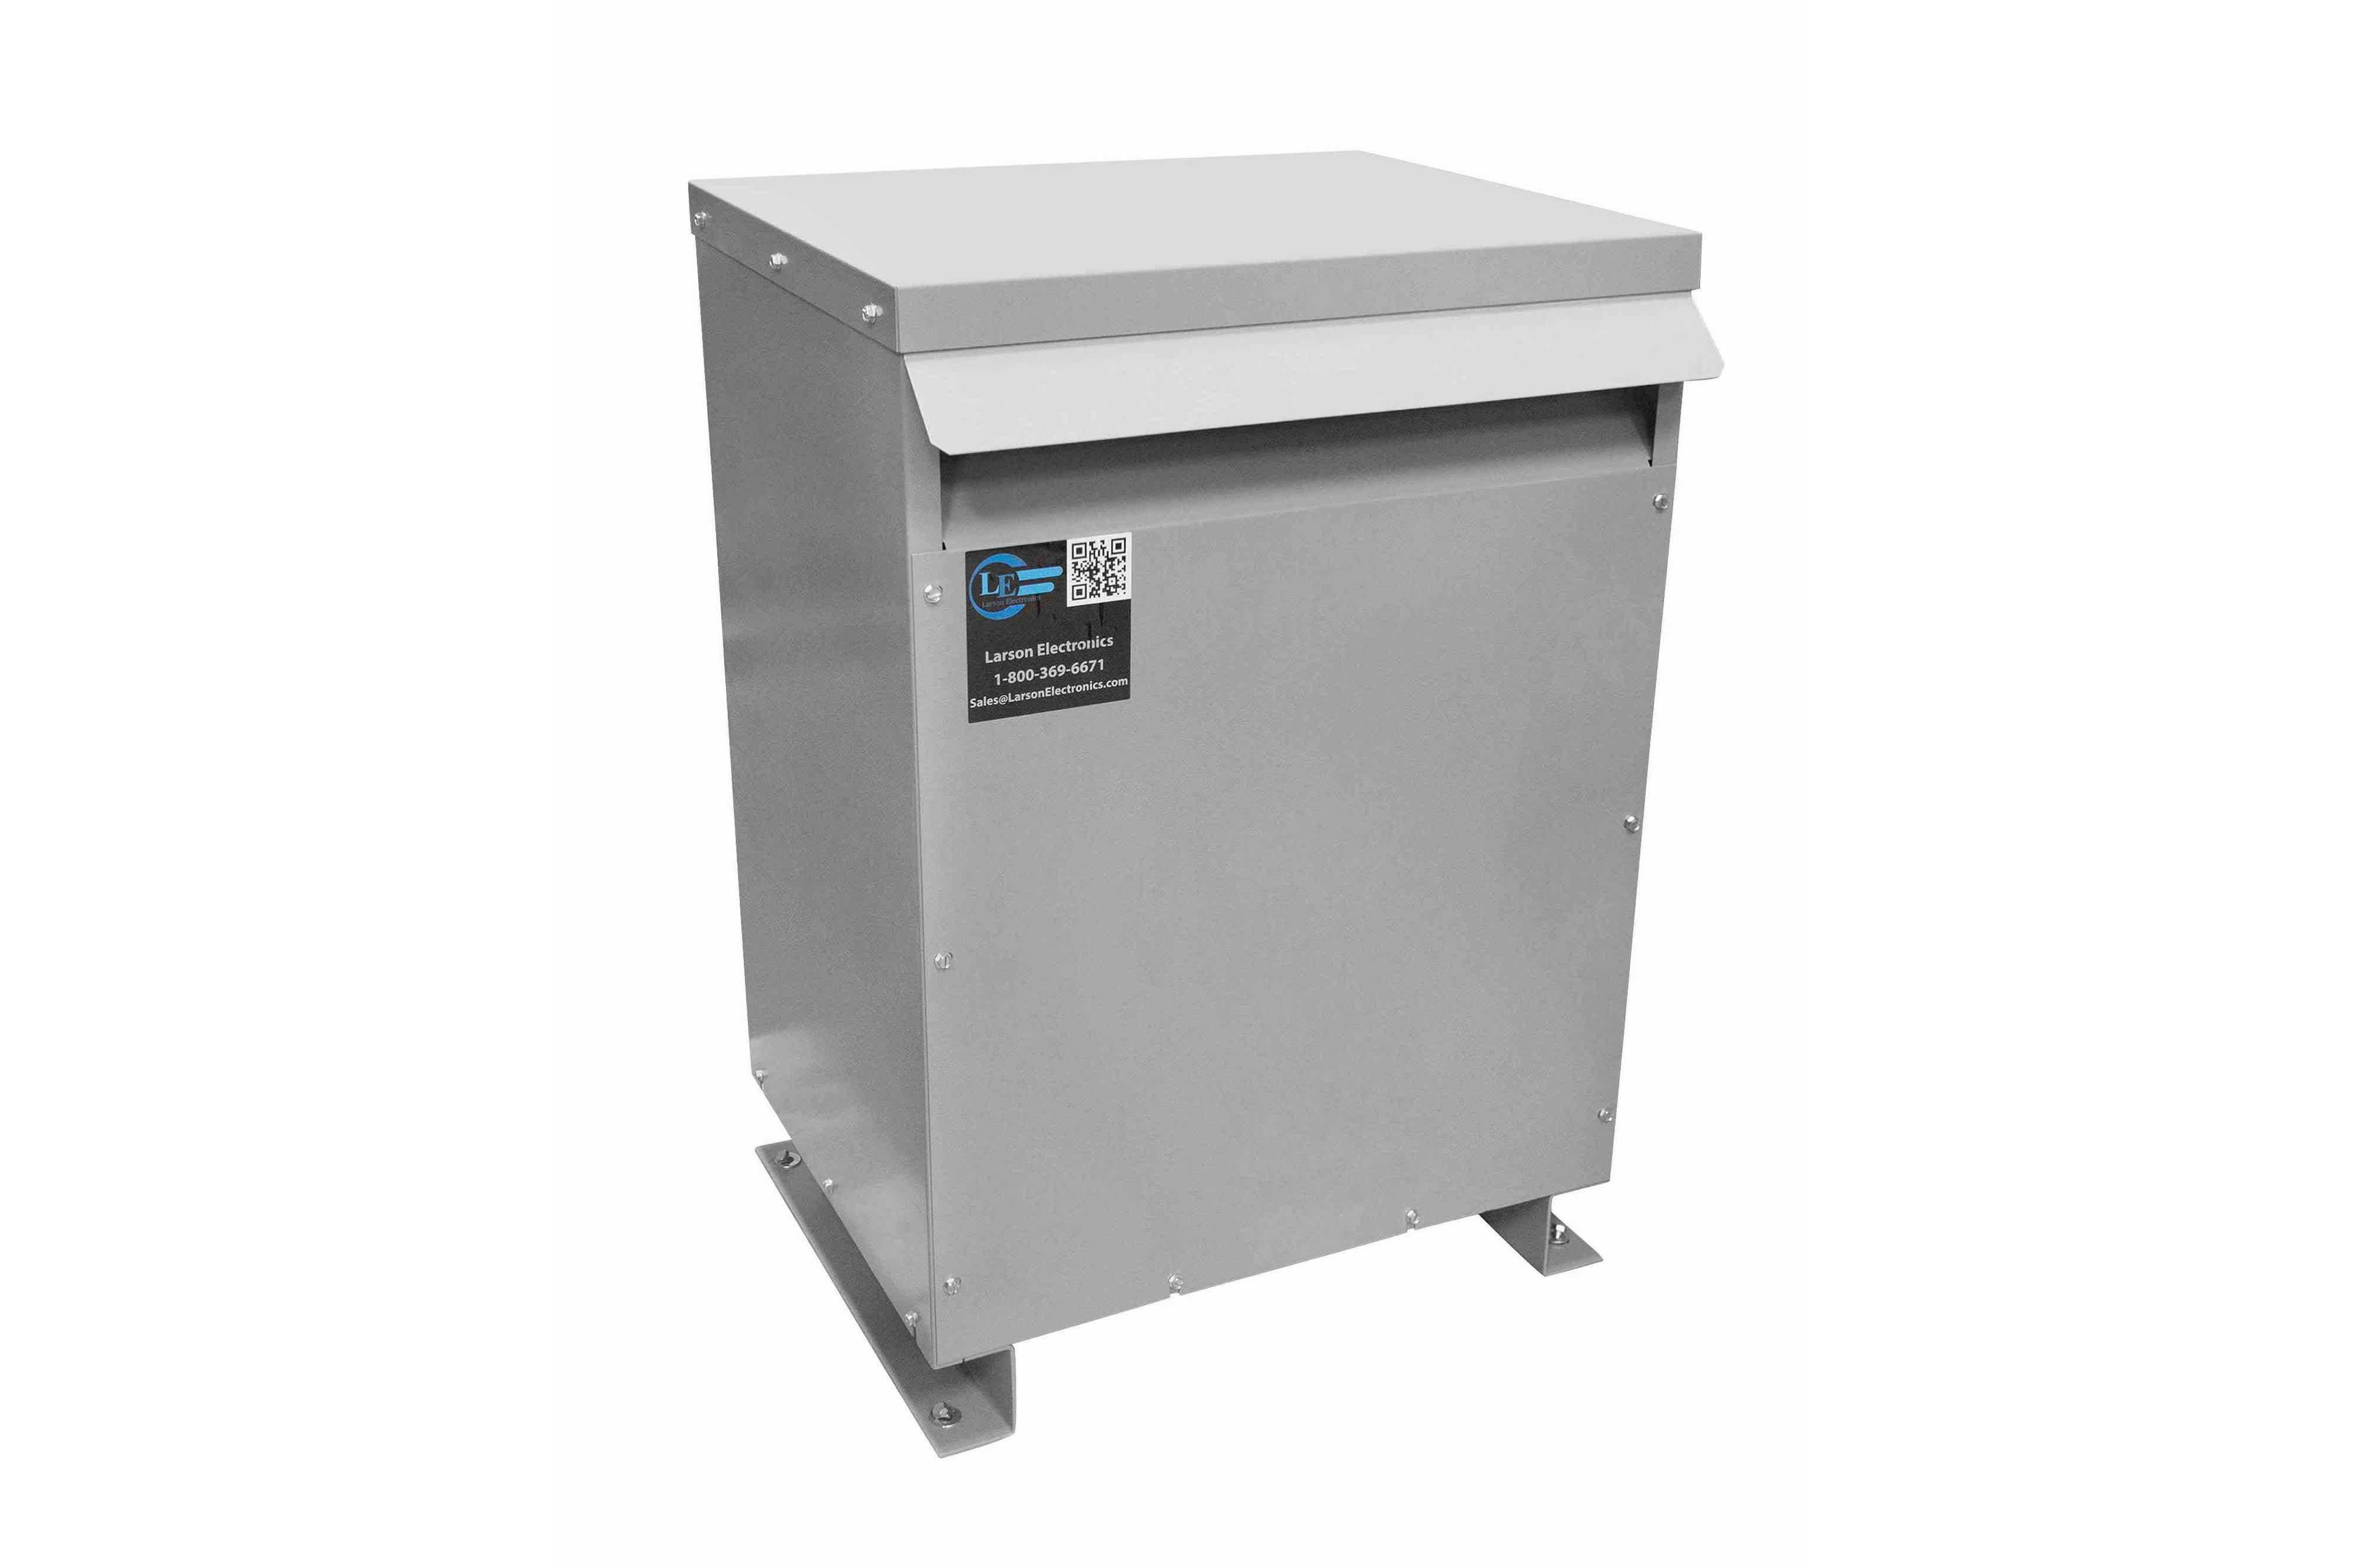 225 kVA 3PH Isolation Transformer, 415V Delta Primary, 600V Delta Secondary, N3R, Ventilated, 60 Hz